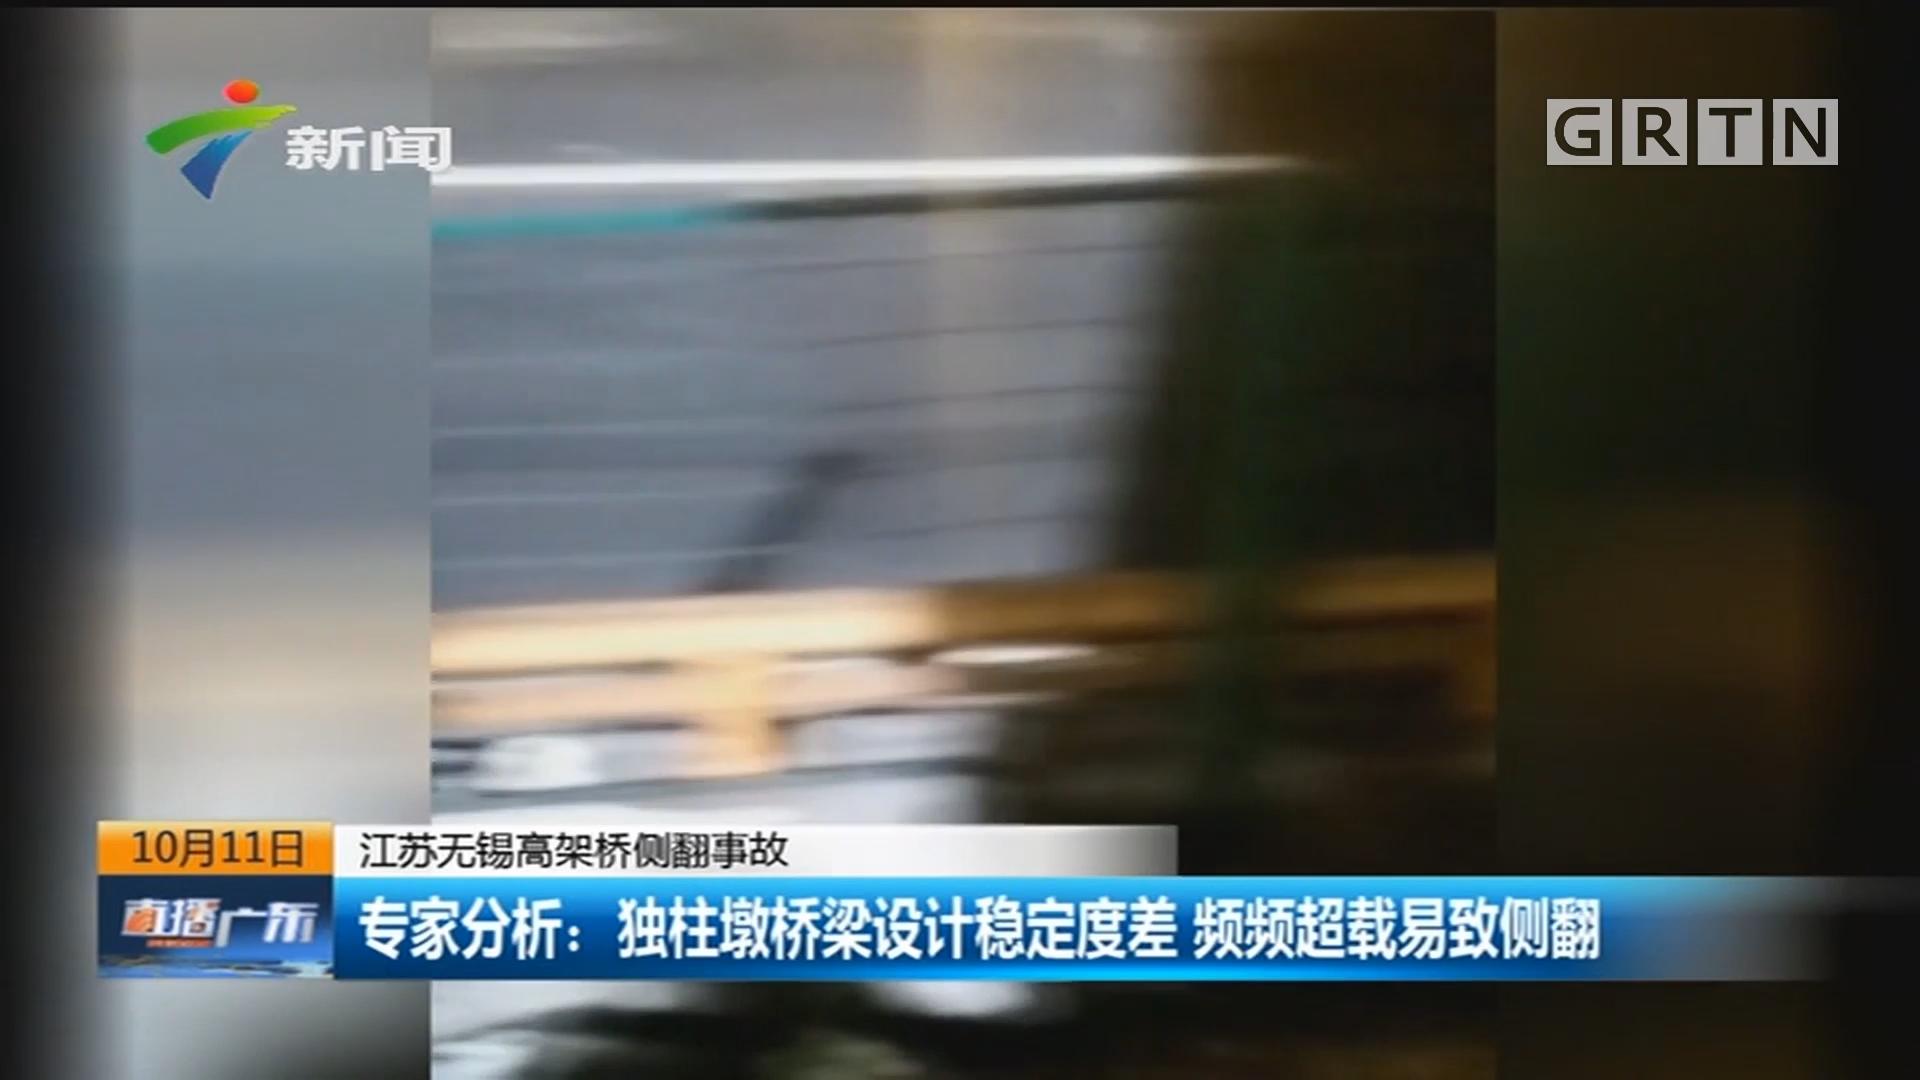 江苏无锡高架桥侧翻事故  专家分析:独柱墩桥梁设计稳定度差 频频超载易致侧翻